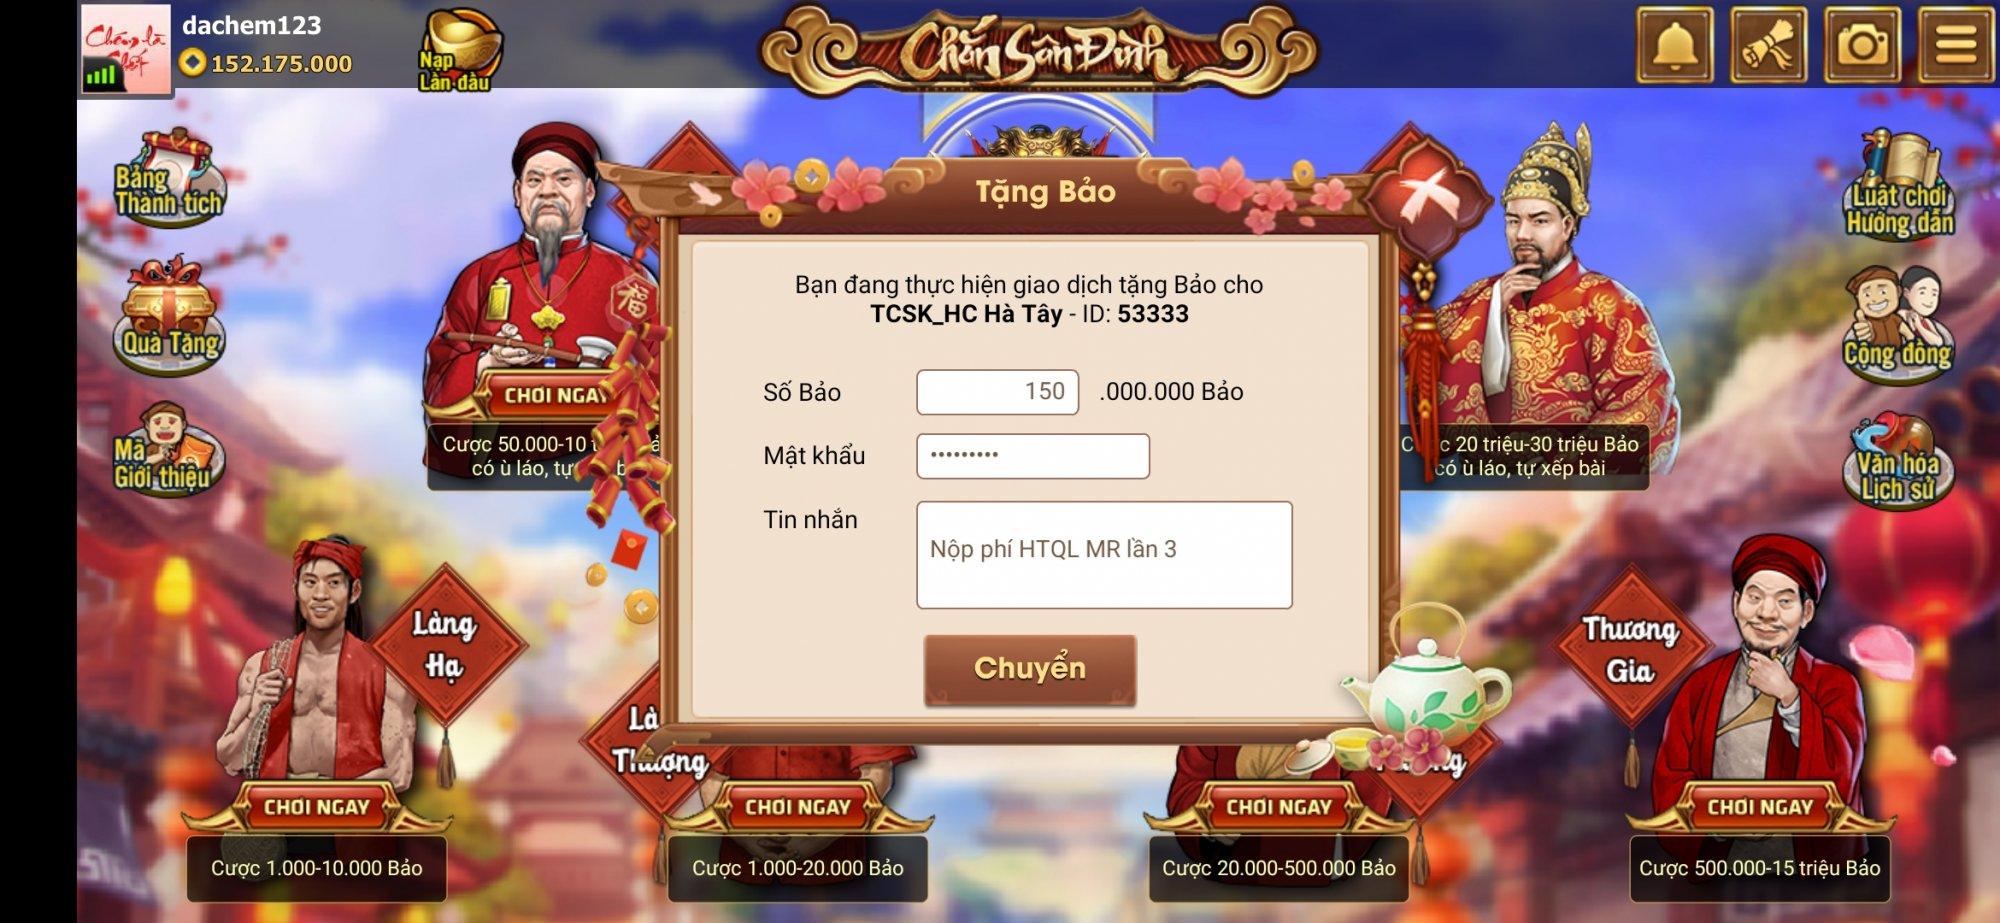 Screenshot_20210225_104612_com.vietsao.chandangian.